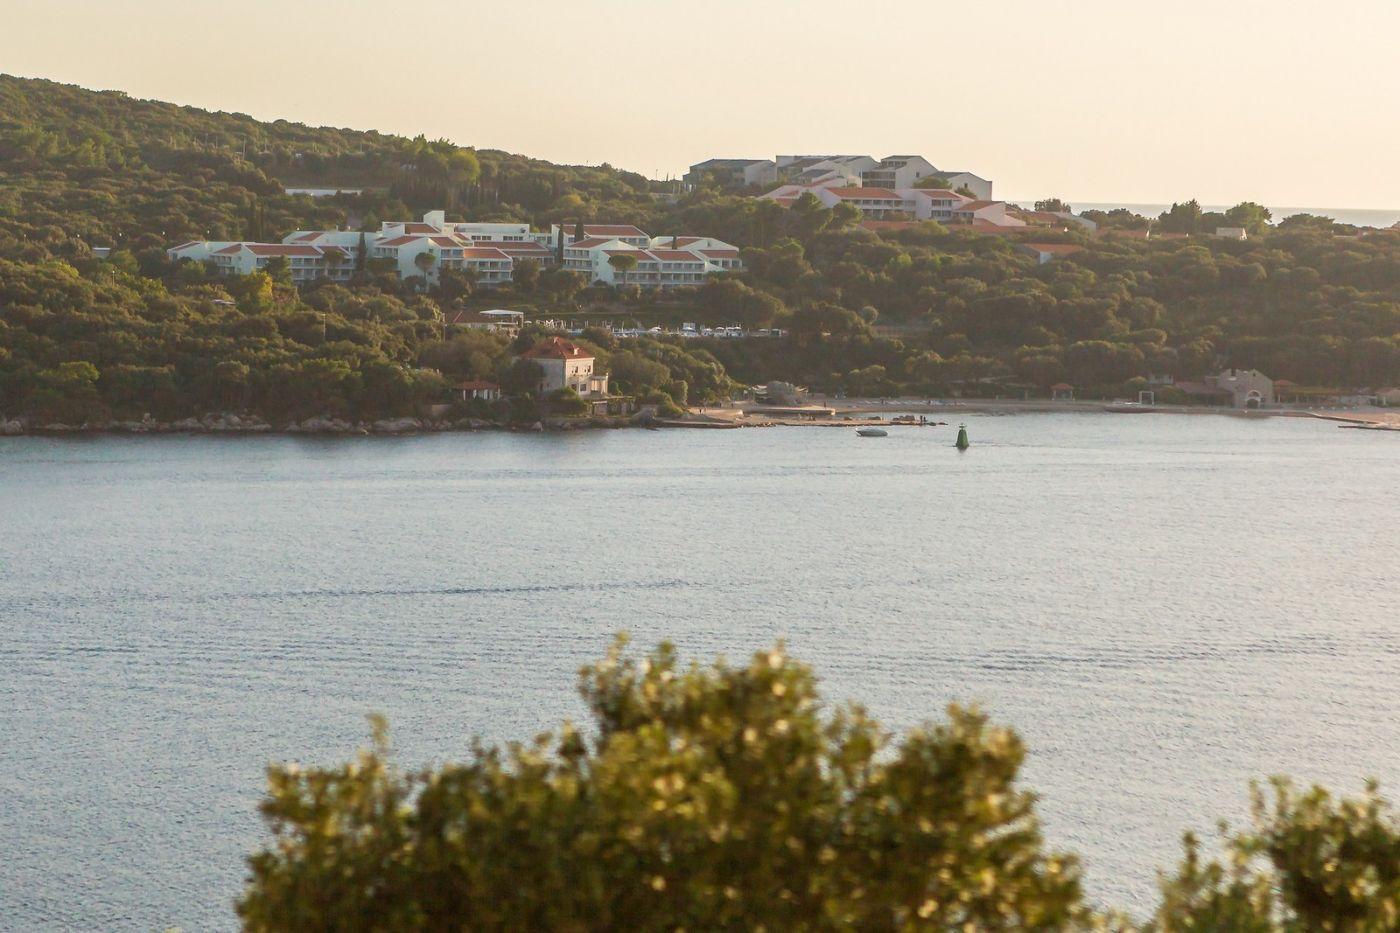 克罗地亚旅途,海岸线景色_图1-11